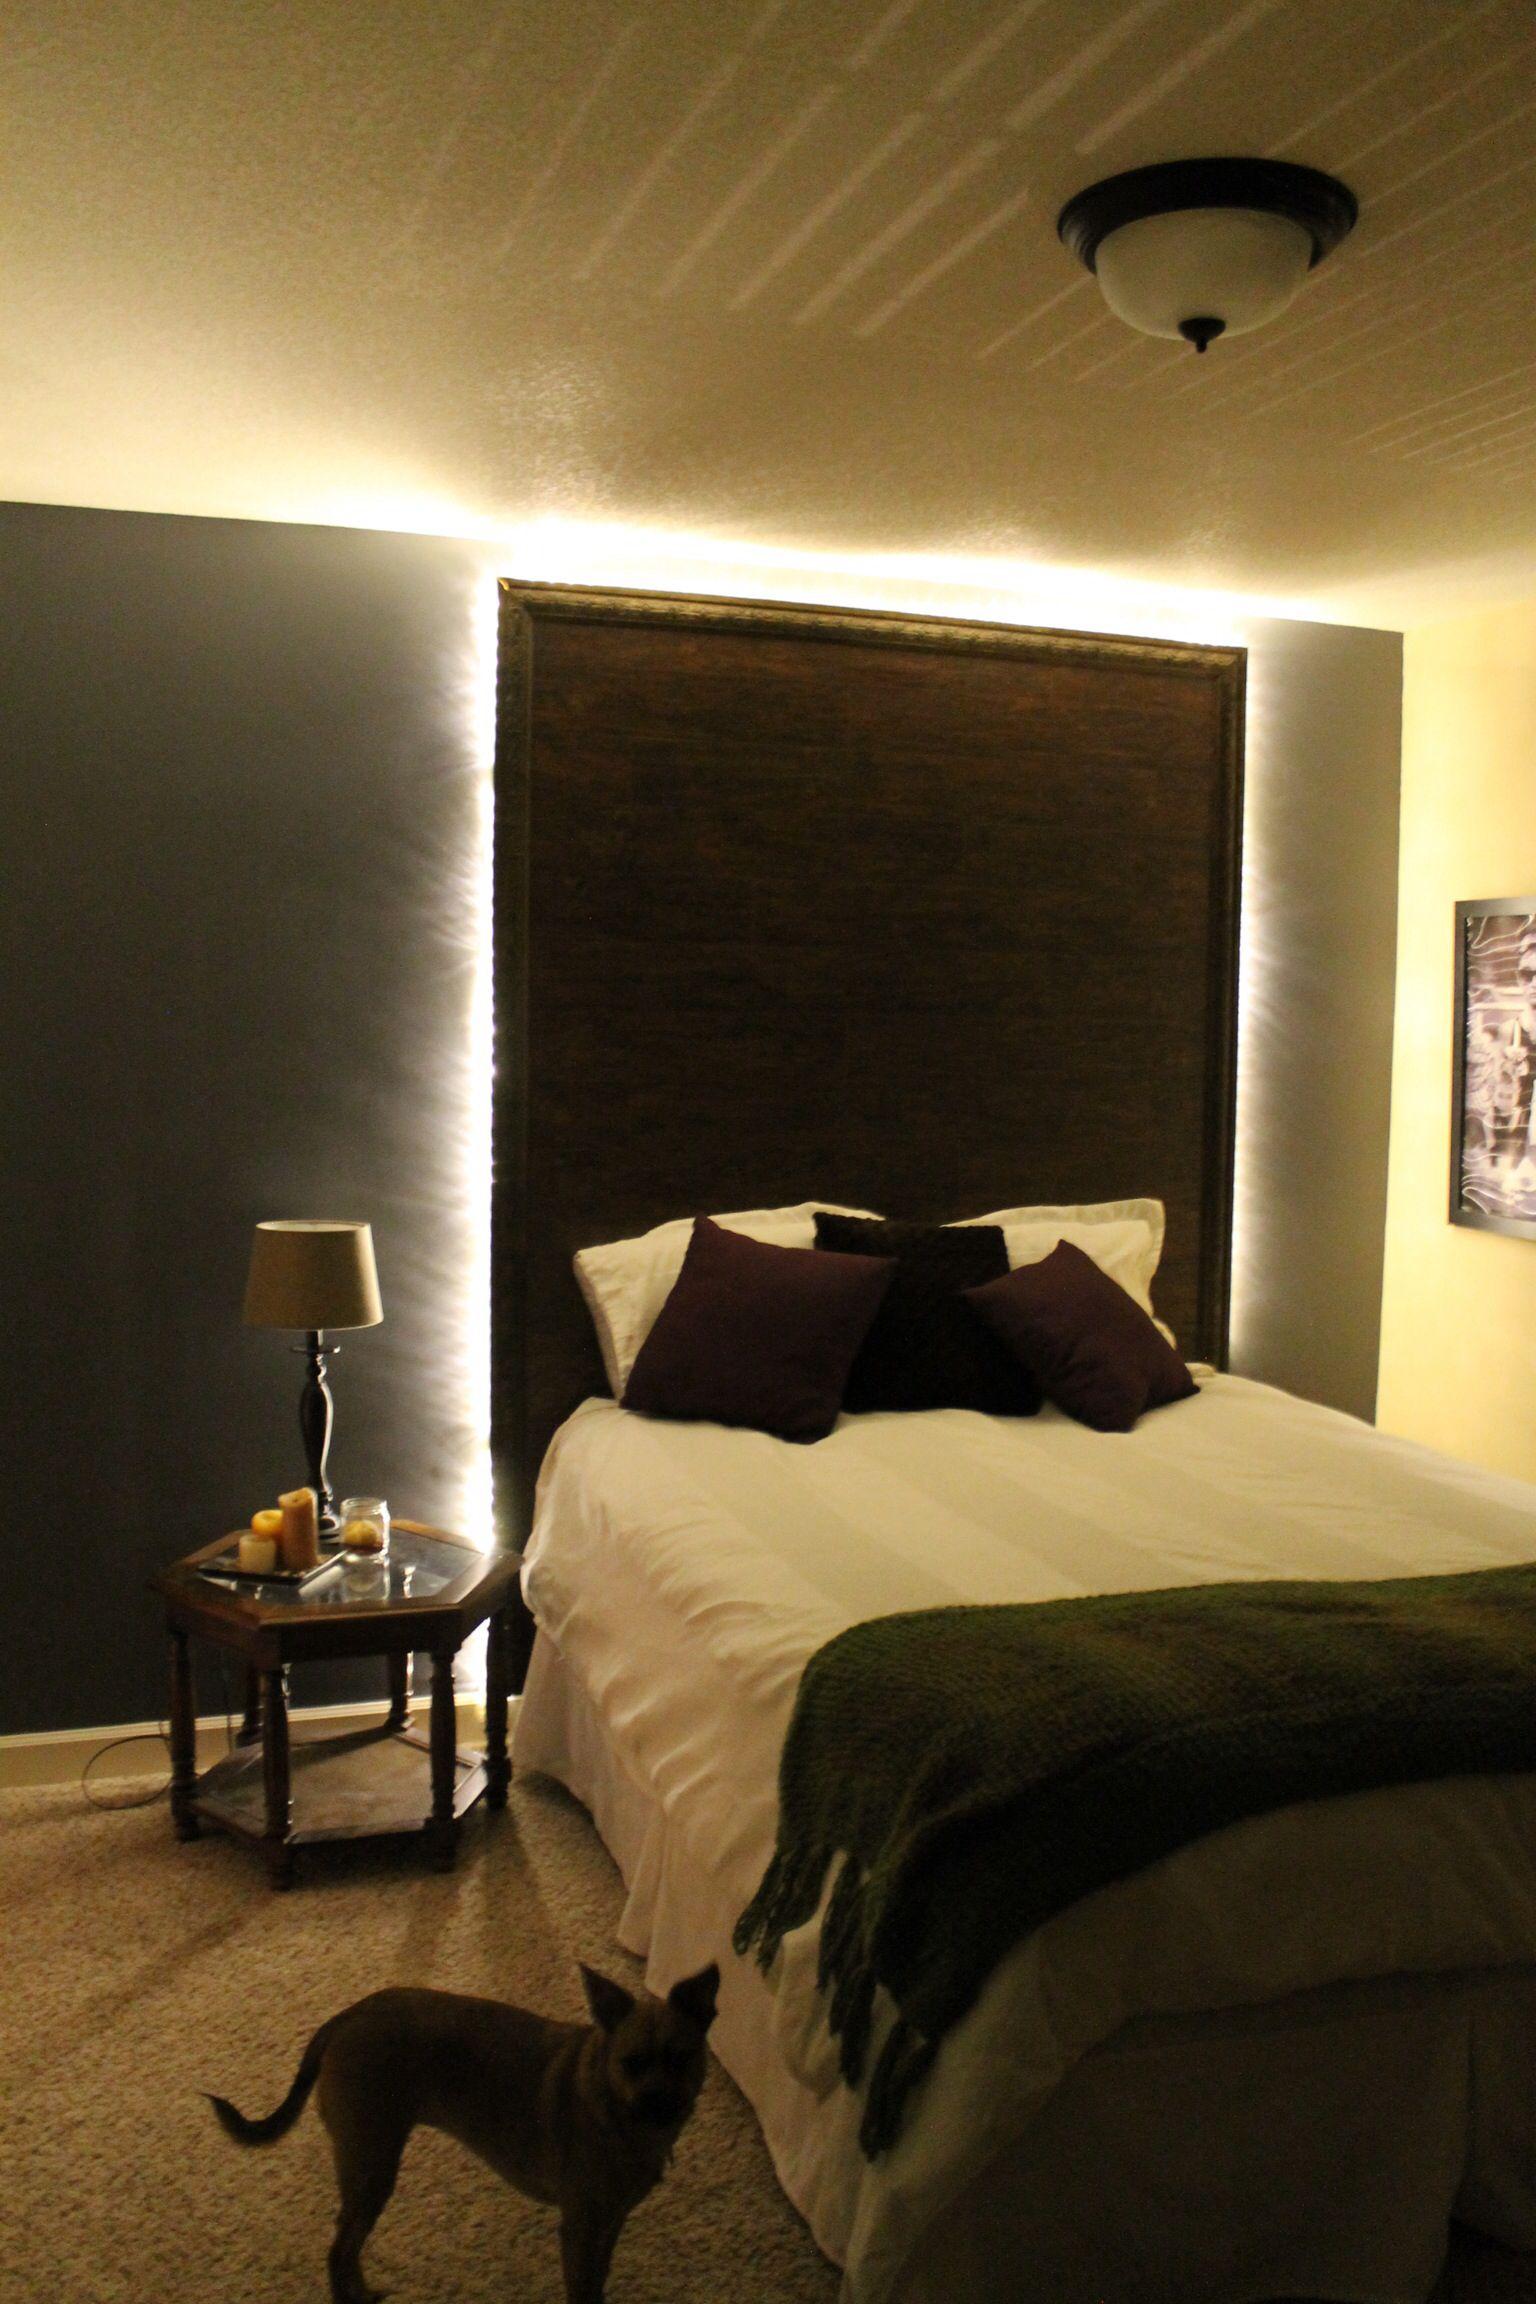 Lighted headboard interior pinterest lights for Illuminated bed